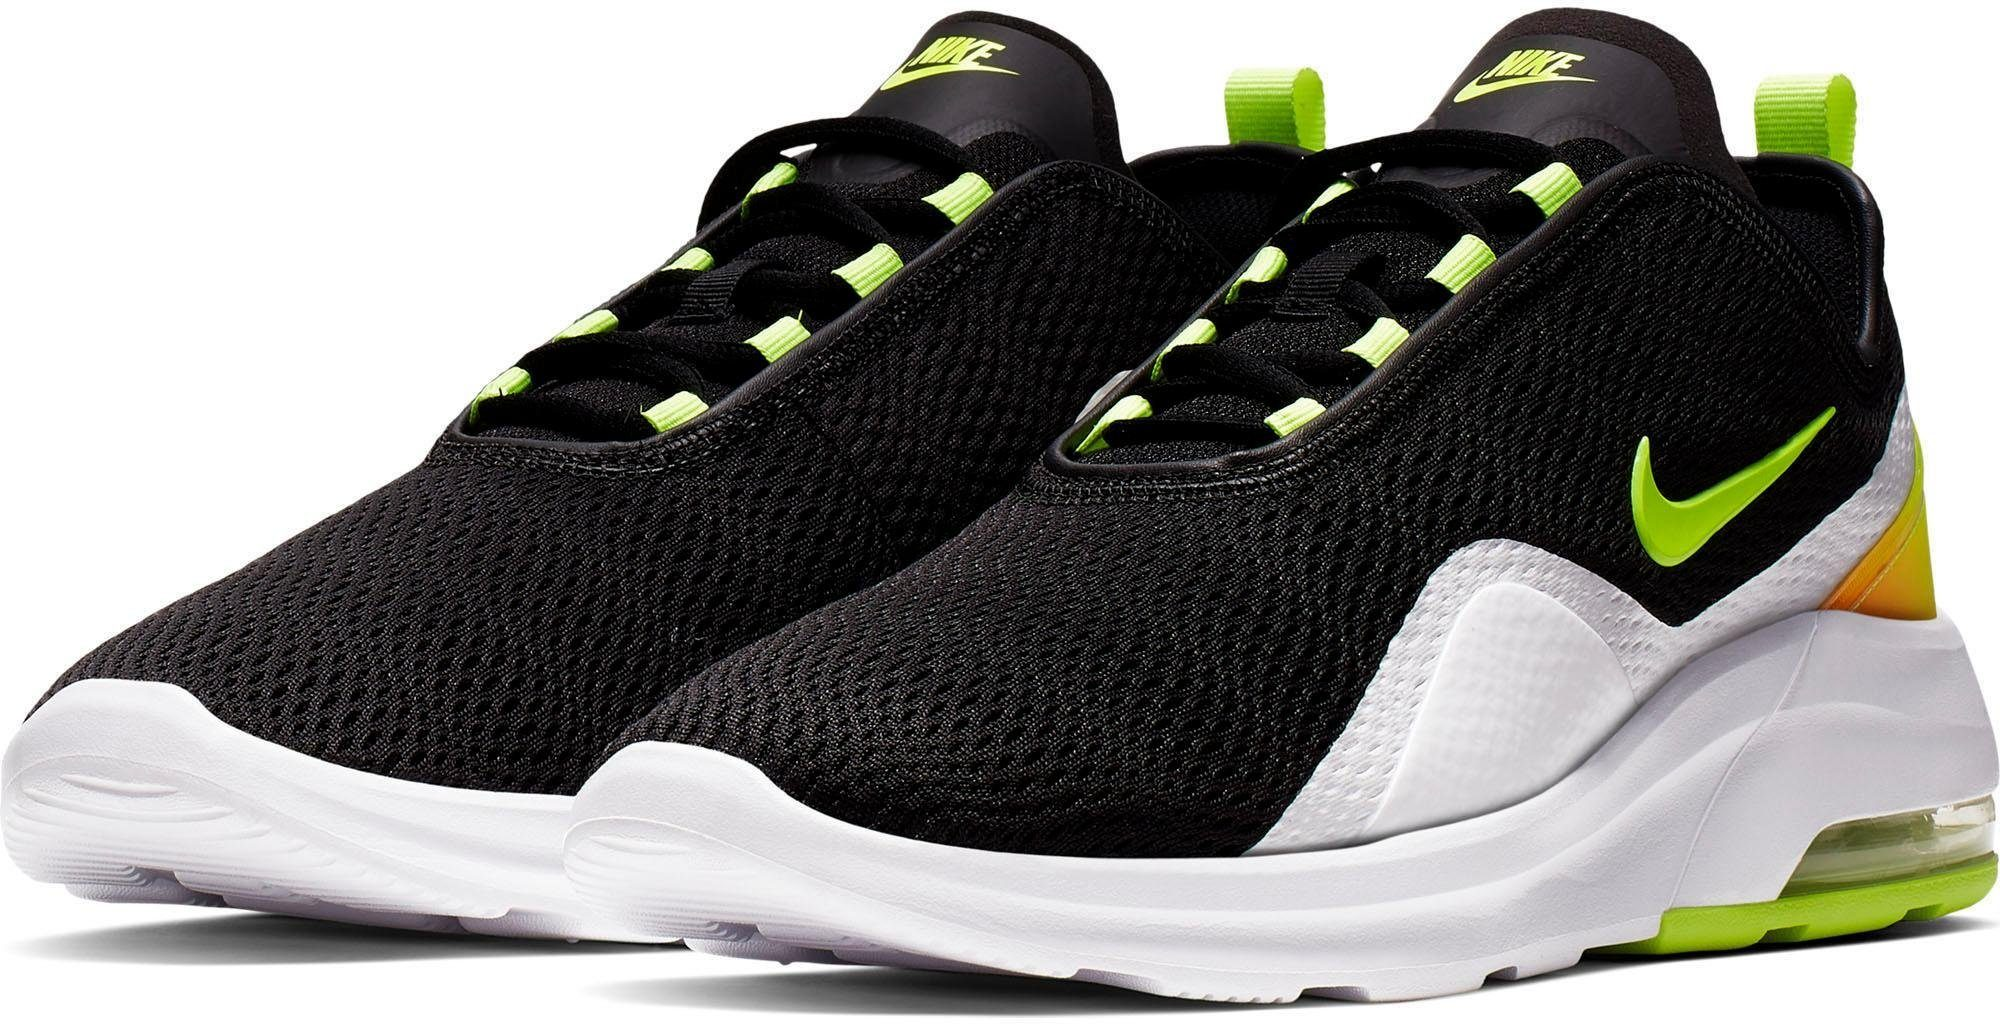 Nike Air Max Motion 2 SchwarzGrauBlau Damen